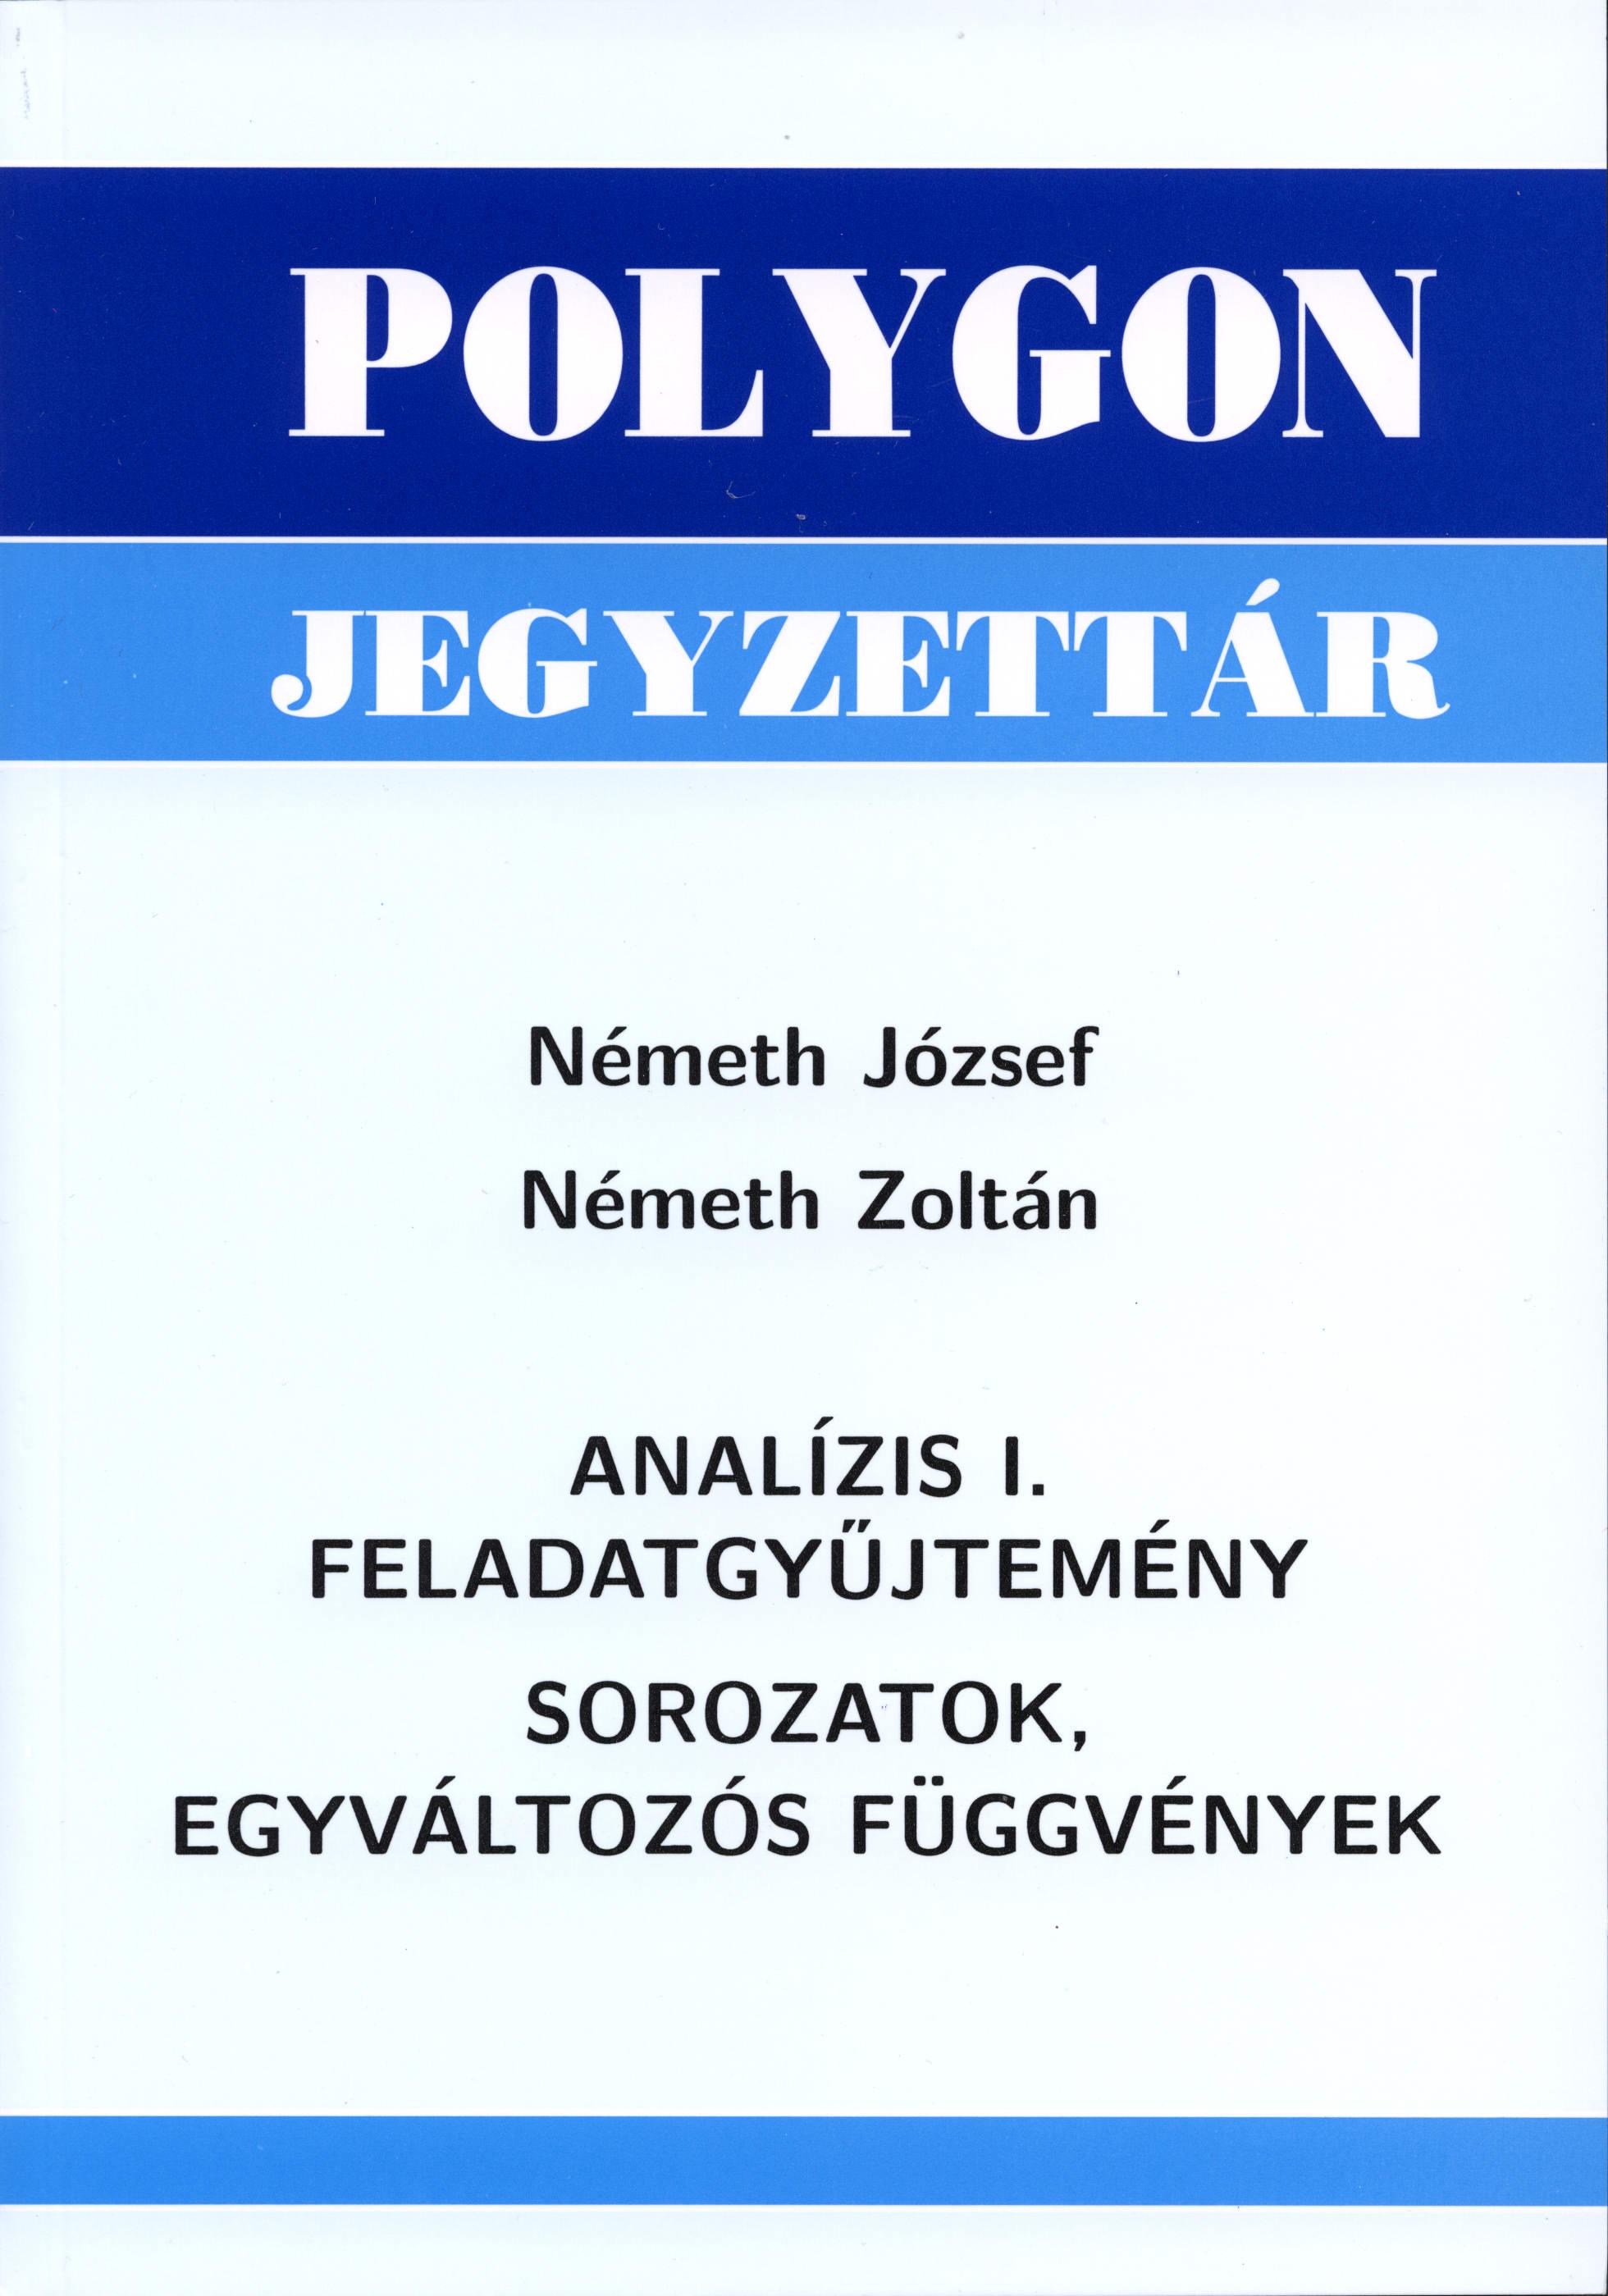 Analízis I. feladatgyűjtemény - Polygon jegyzet